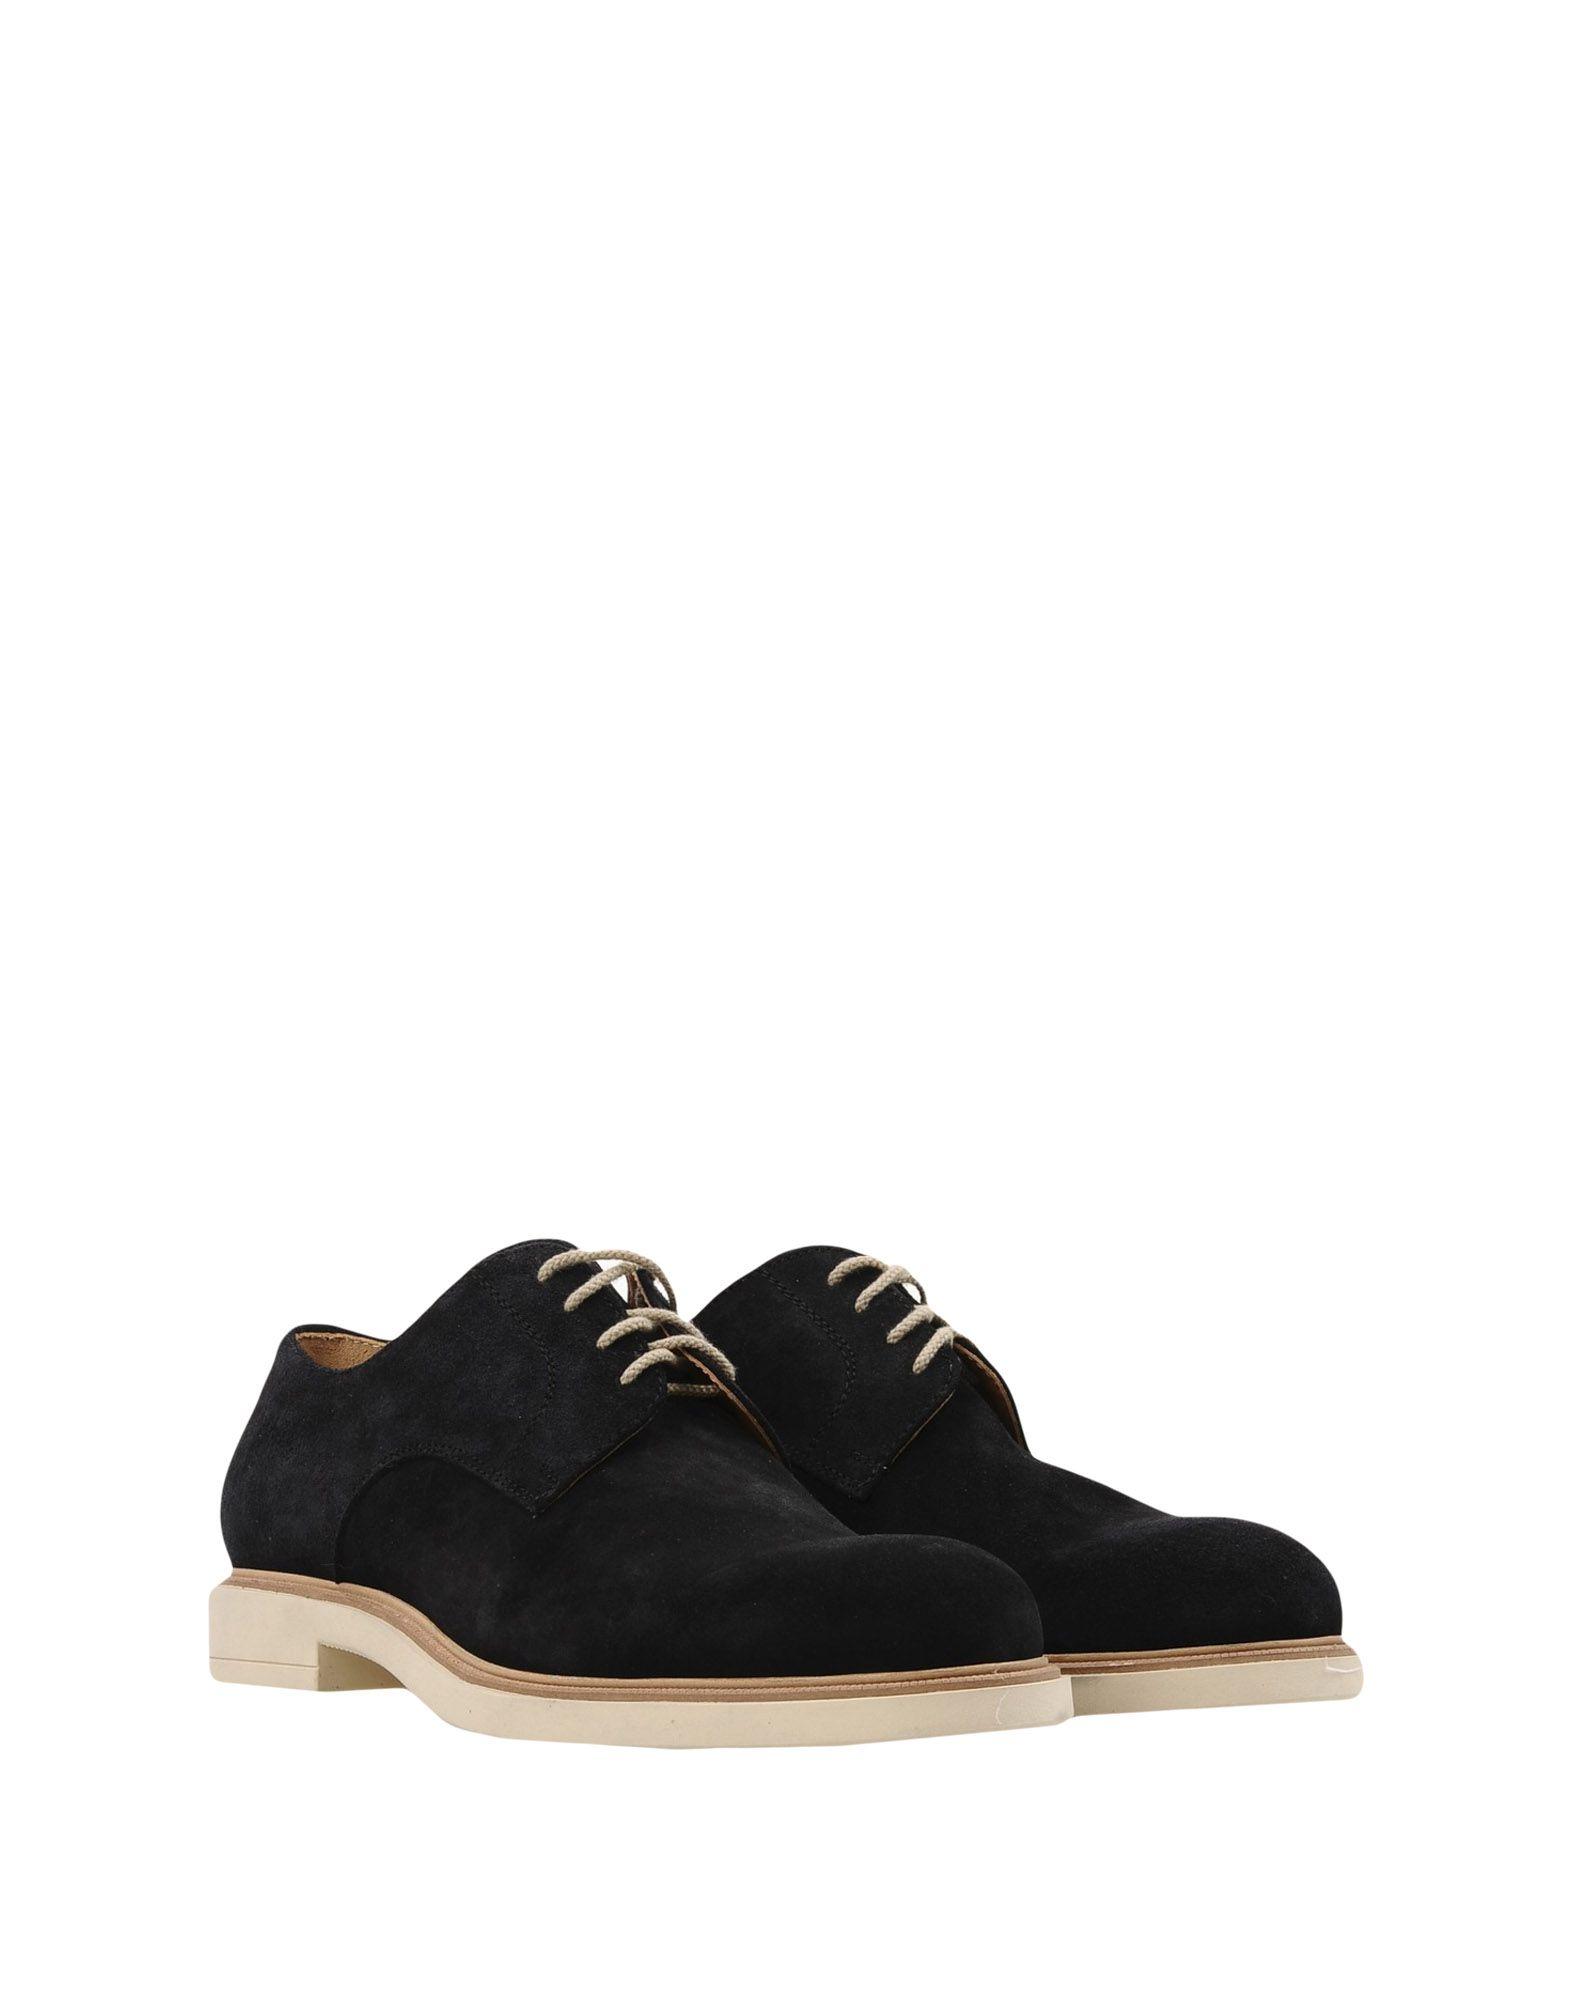 8 Schnürschuhe Herren  Schuhe 11450430KI Heiße Schuhe  4a4334